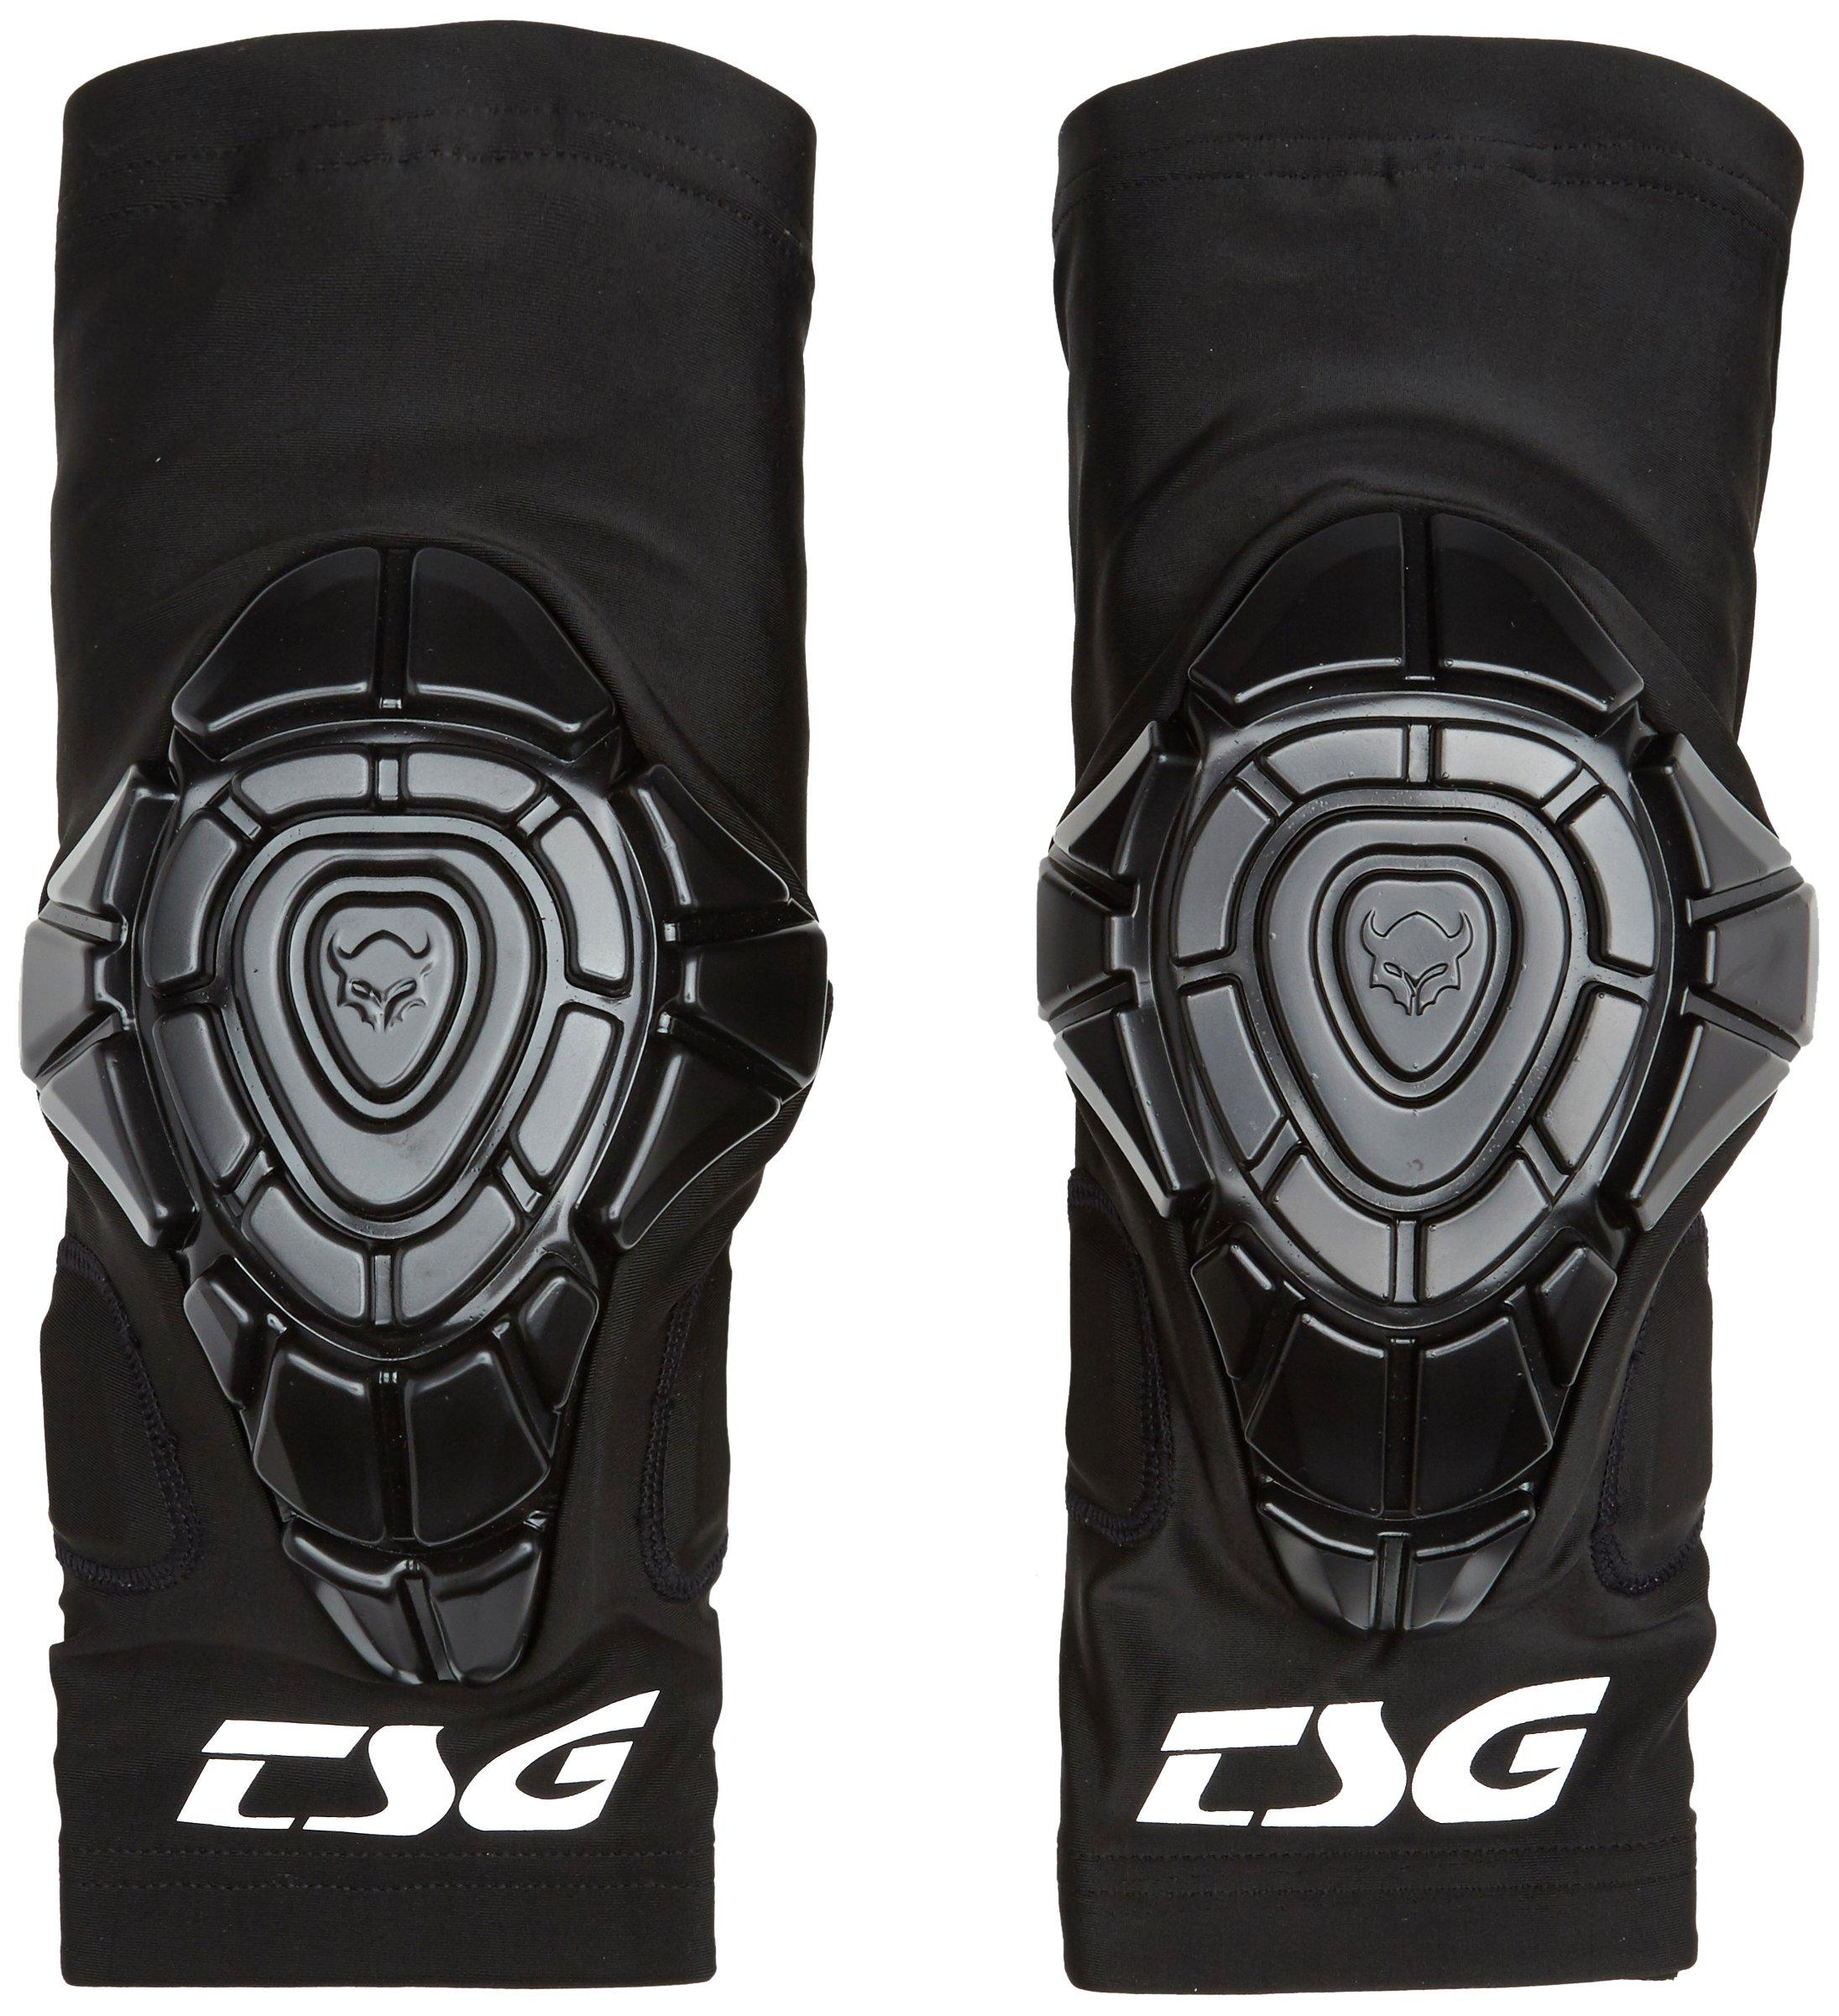 TSG Erwachsene Elbow-Sleeve Joint Schützer, Black, XXS/XS